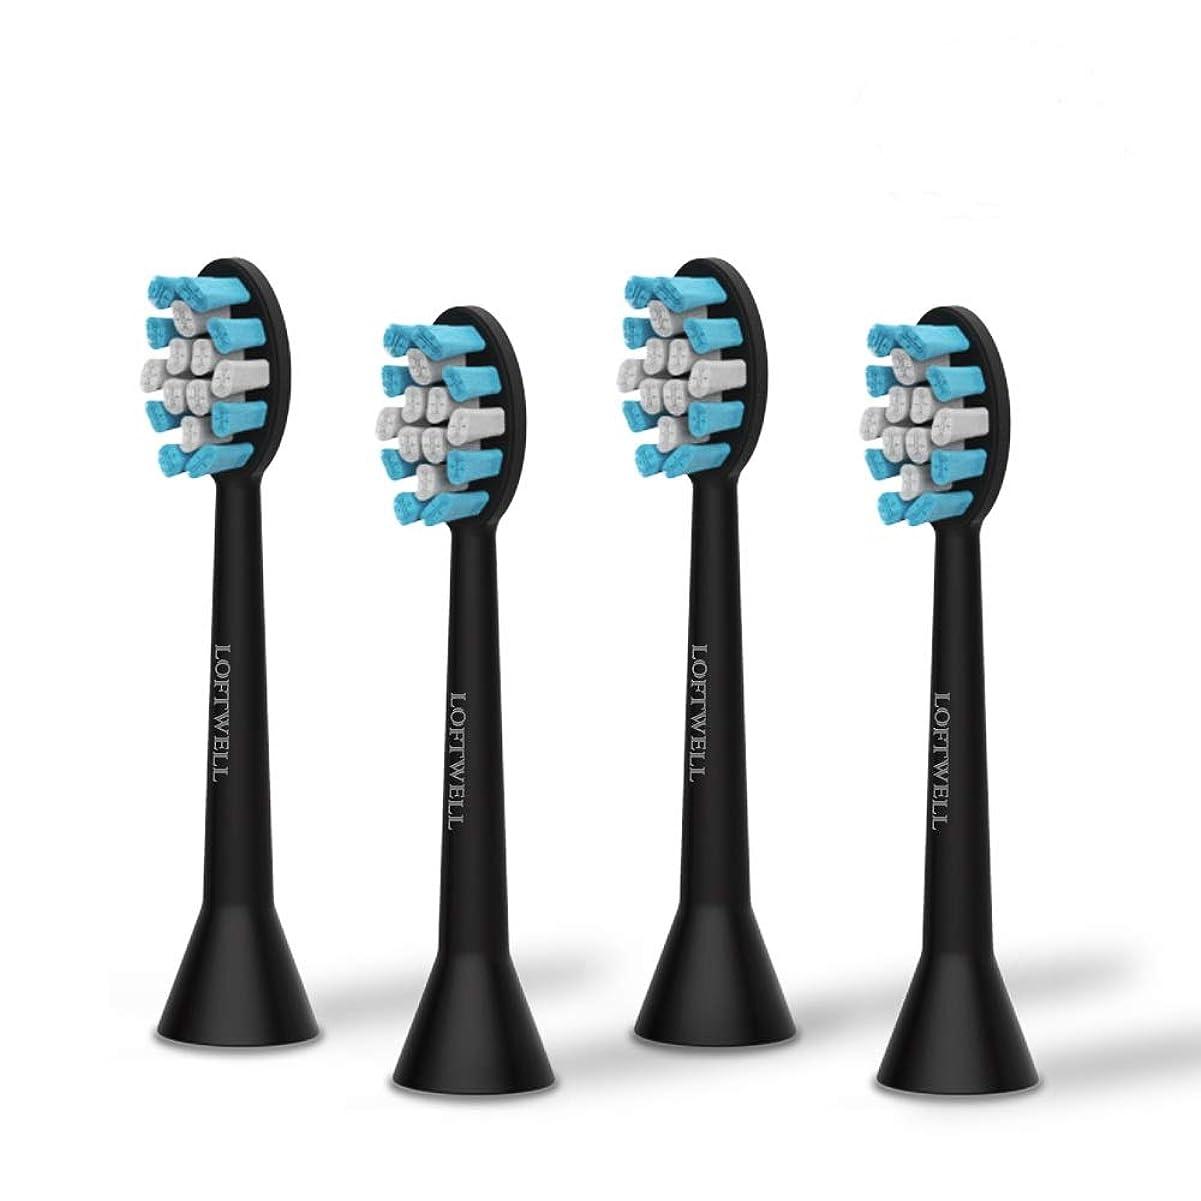 著者ウィザード政権loftwell 電動歯ブラシD5とD9通用替えブラシ 替えブラシ 4本入れ